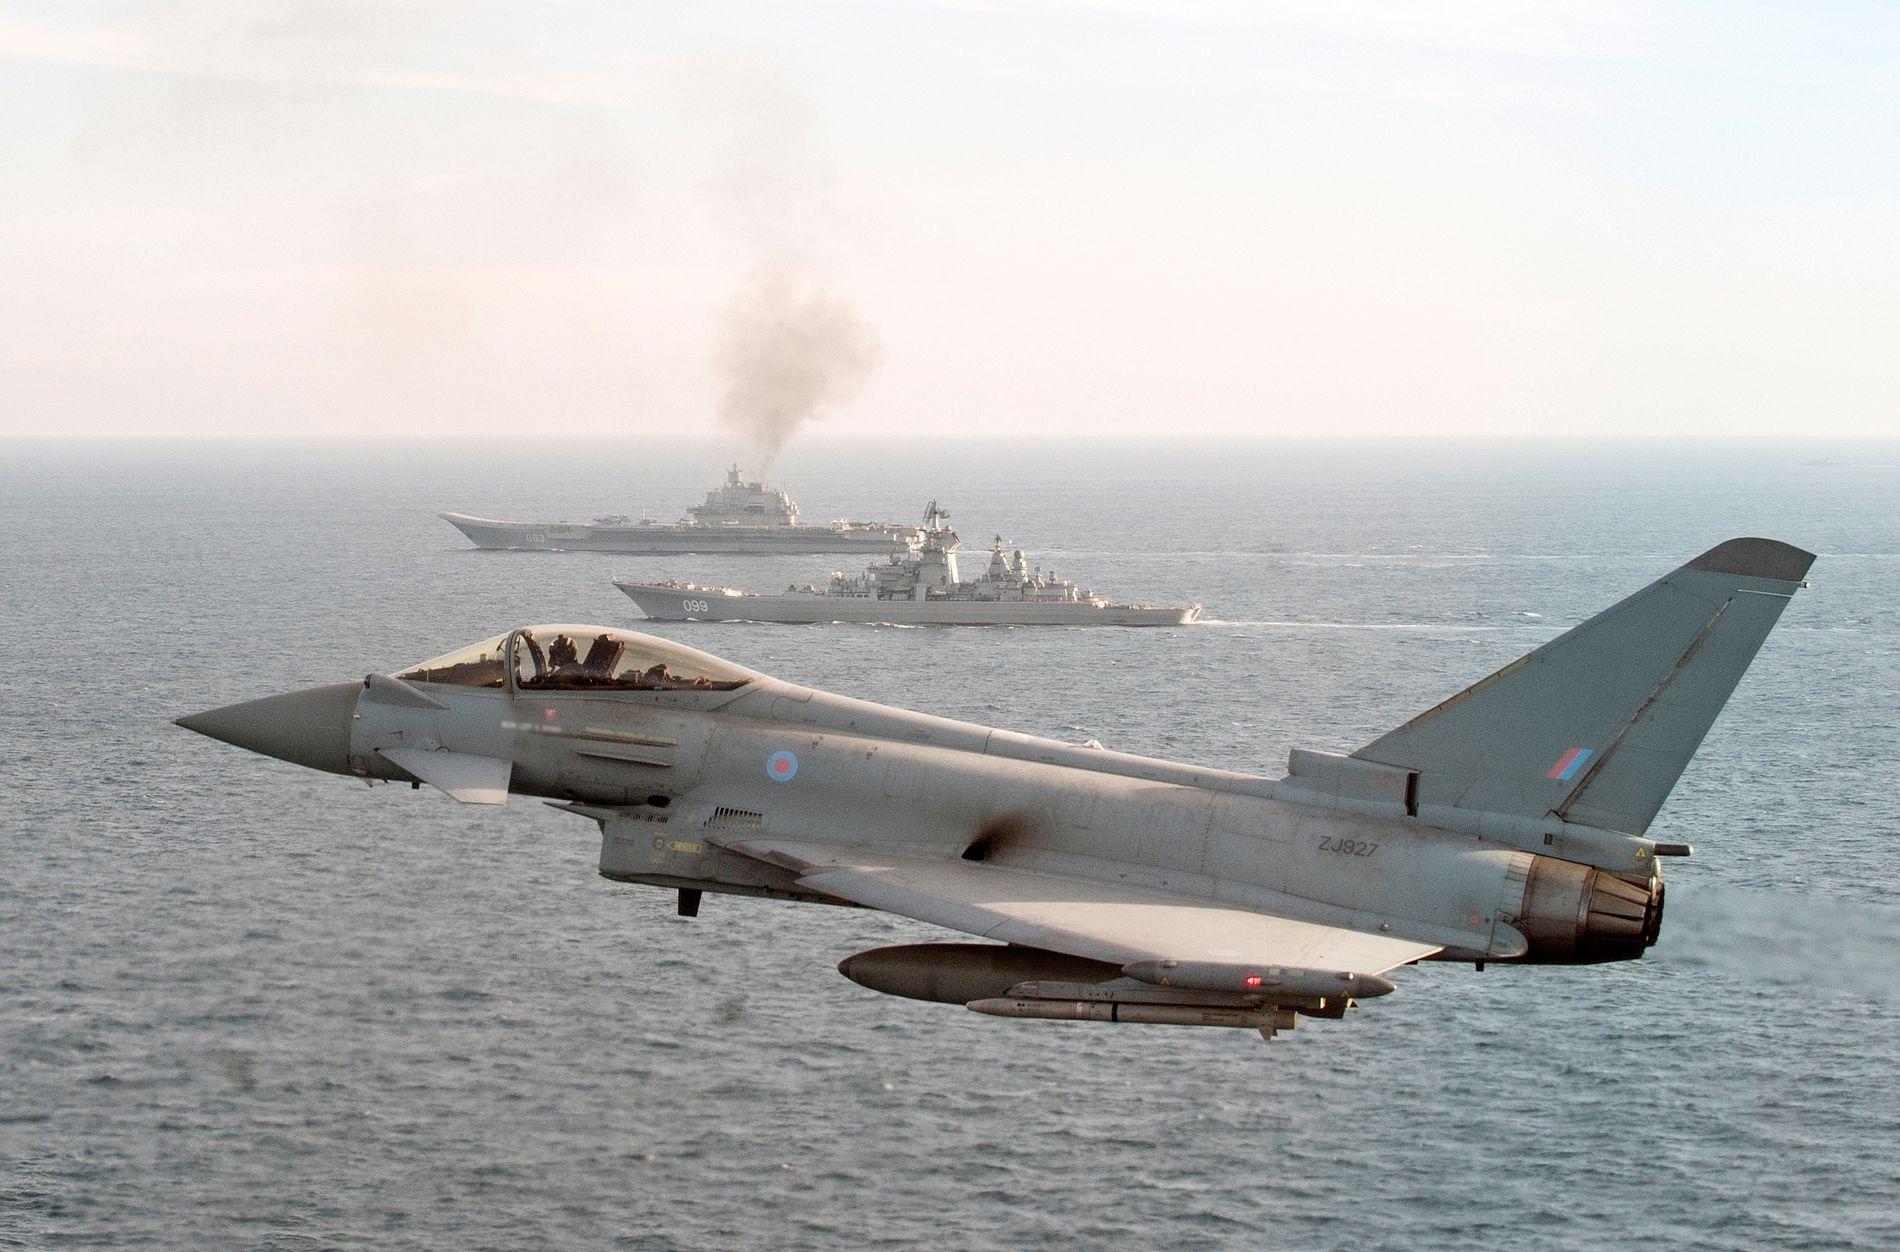 PÅ VINGENE:  En britisk RAF Typhoon (foran) overvåker det russiske krigsskipet «Pjotr Velikij» (midten) og hangarskipet «Admiral Kuznetsov» (bak) mens de passerte nær britisk territorialfarvann i januar 2017.